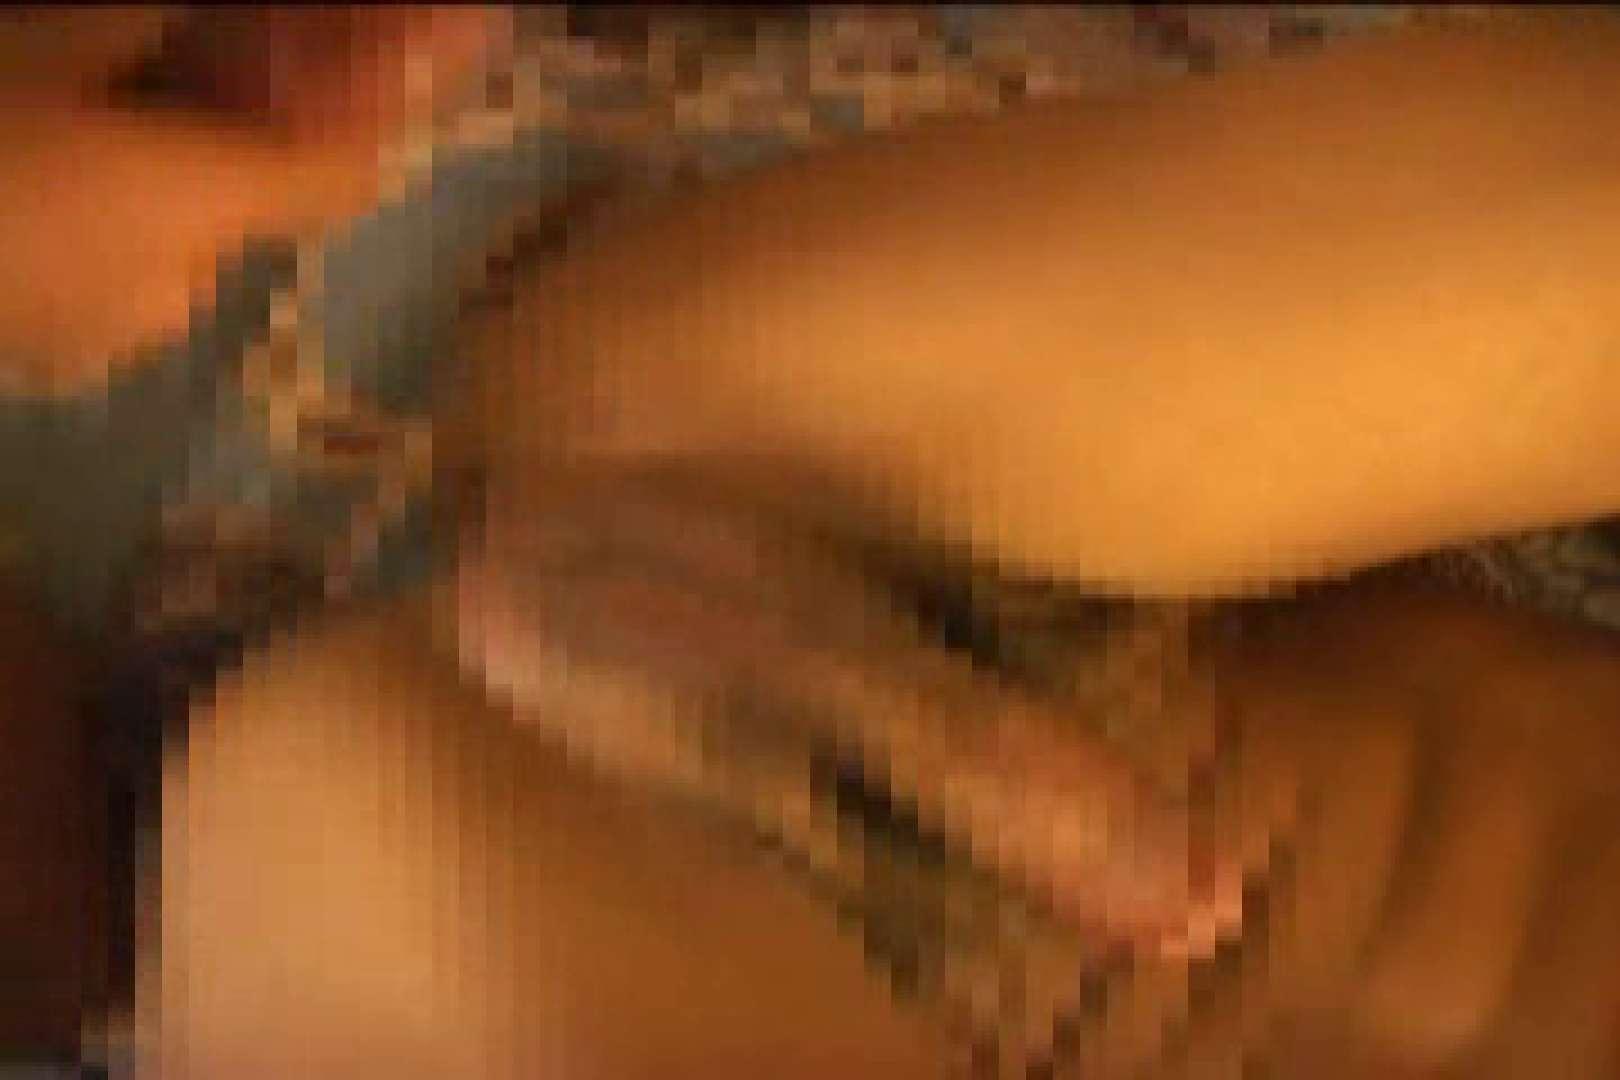 いったれ!ガチNonkeの大冒険!!vol.04 フェラDE絶頂 | チンポ丸見え  108pic 84